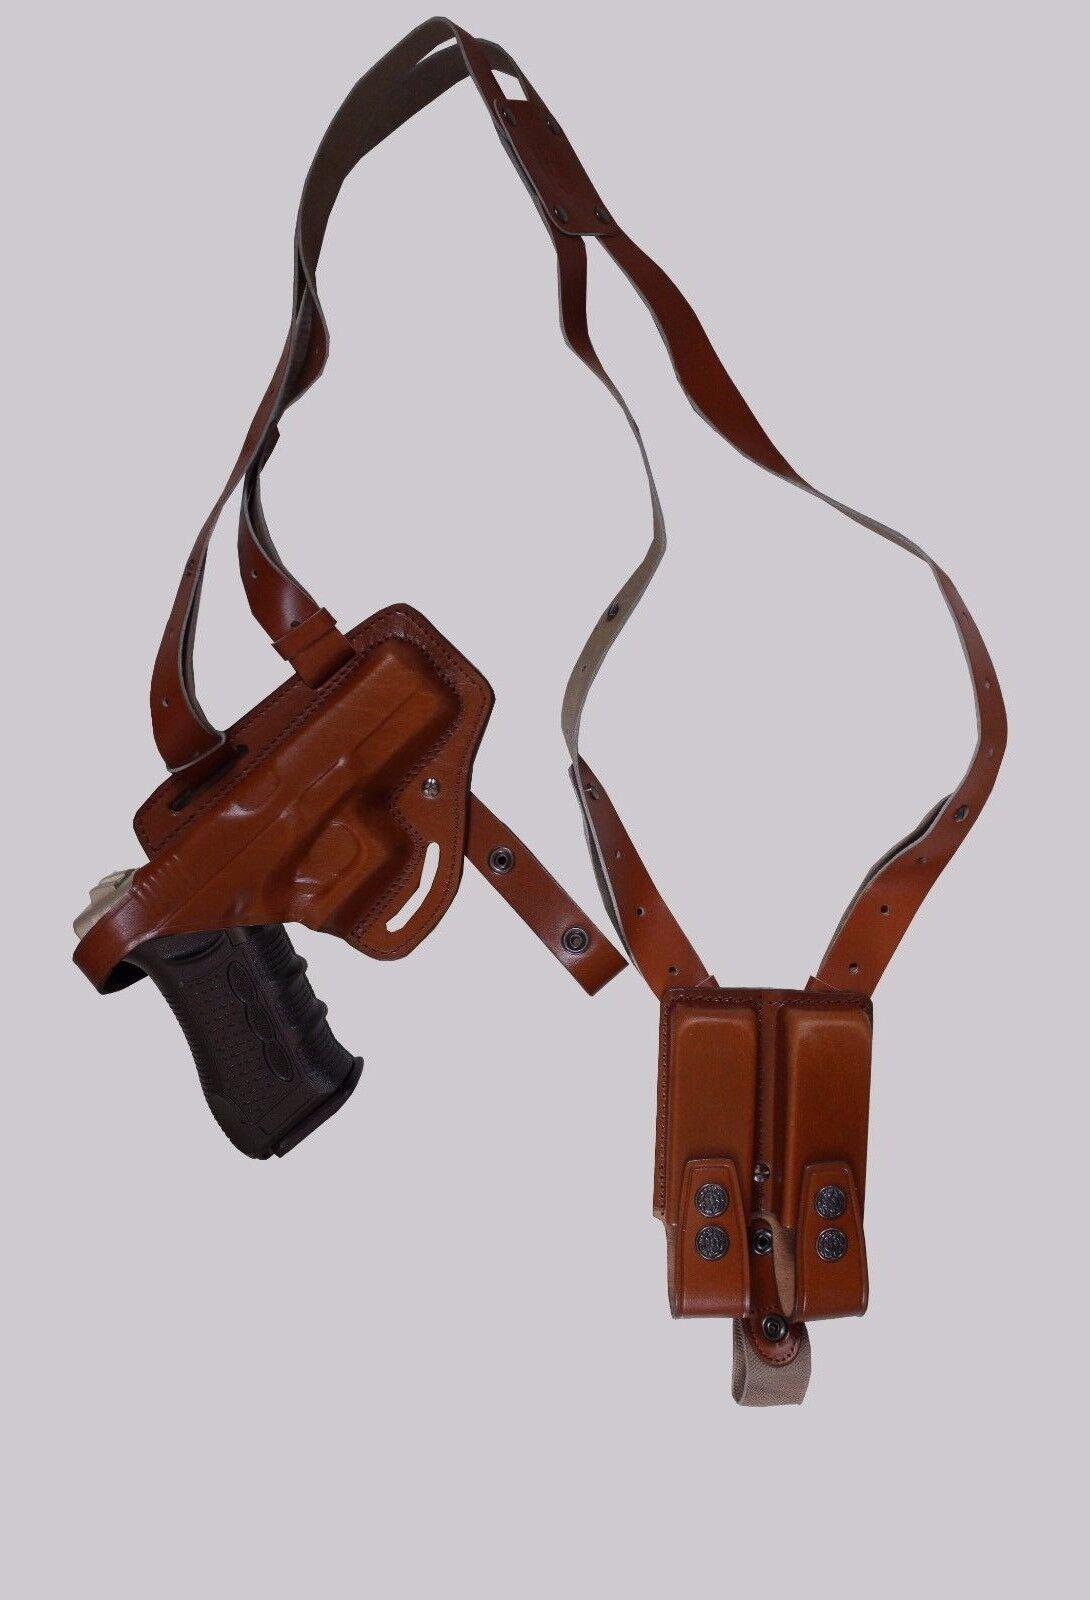 KHS339-23 Funda de Cuero de hombro y cinturón con doble bolsa del Mag Glock 23 (2in1)